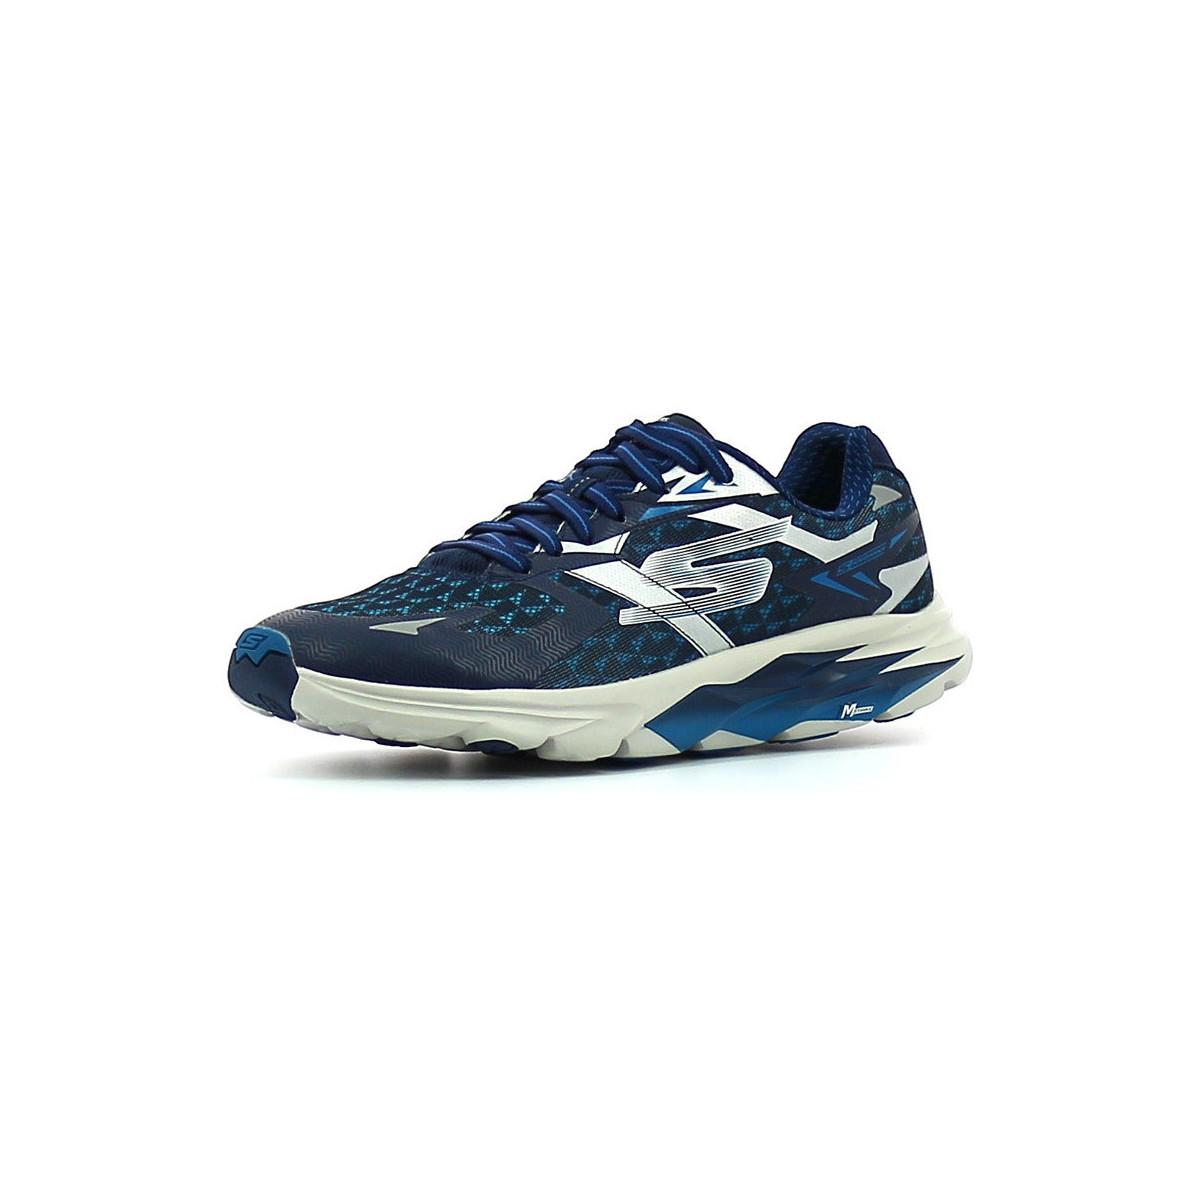 Soldes chaussures running go sport